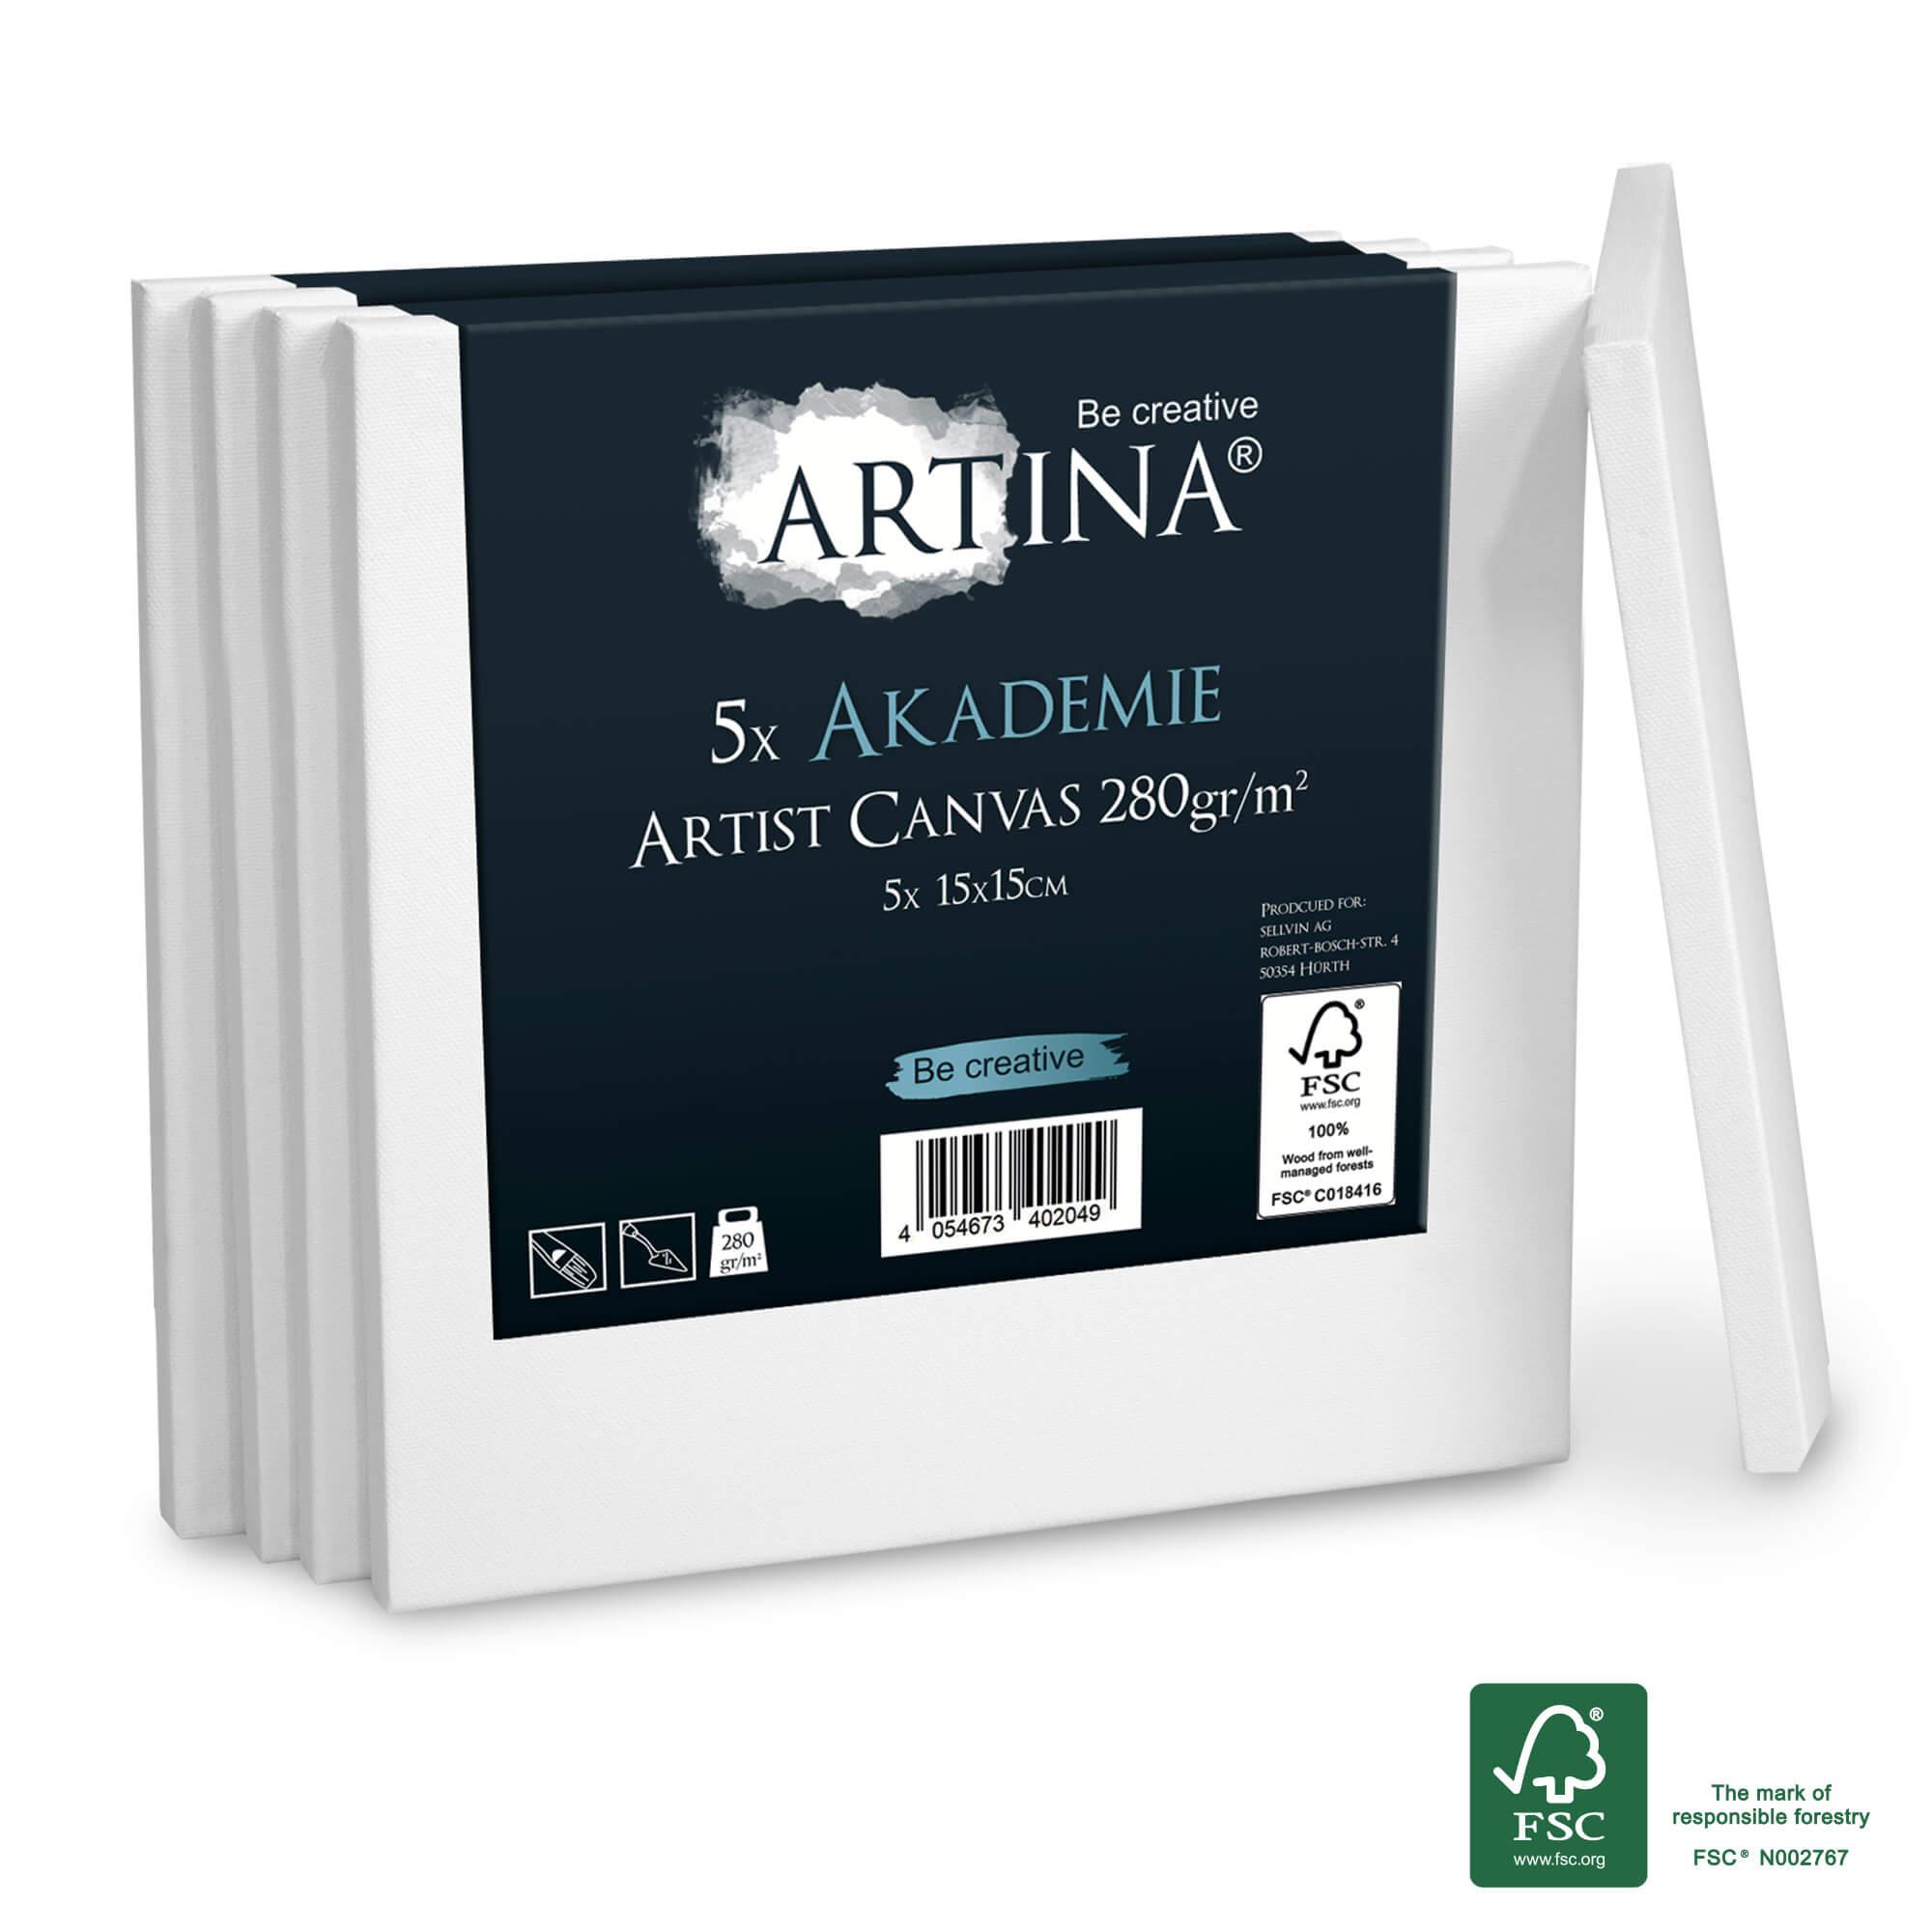 5er Set 15x15cm Artina Akademie Keilrahmen FSC®-zertifiziert